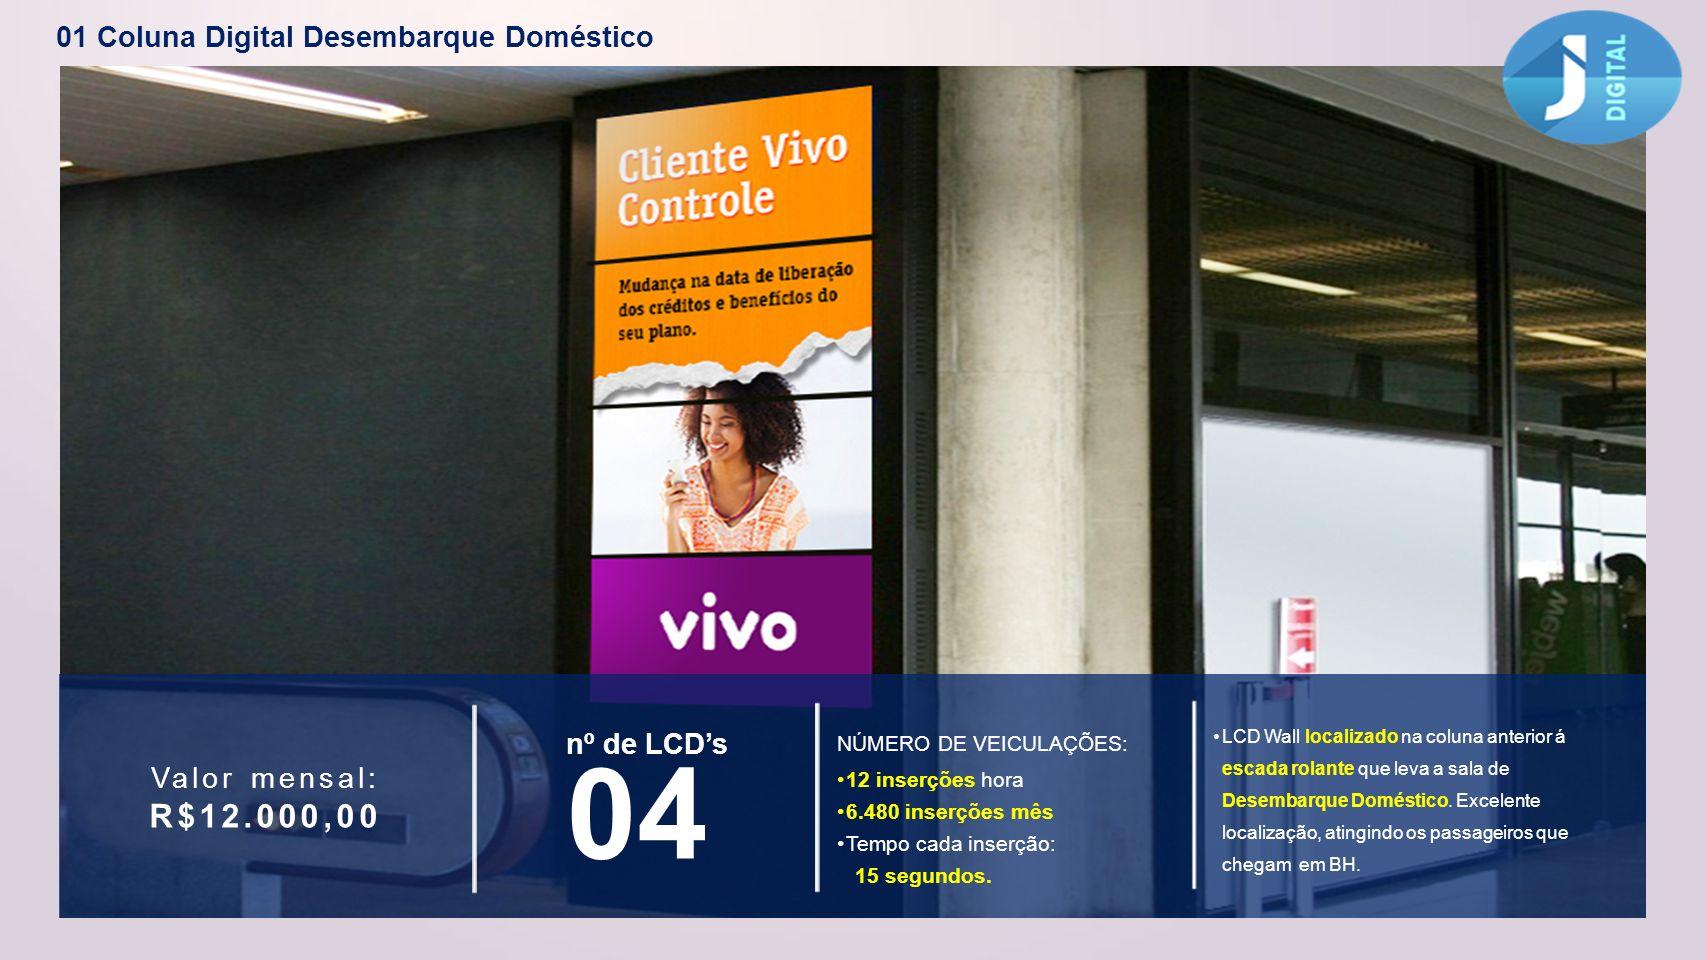 04 R$12.000,00 01 Coluna Digital Desembarque Doméstico nº de LCD's